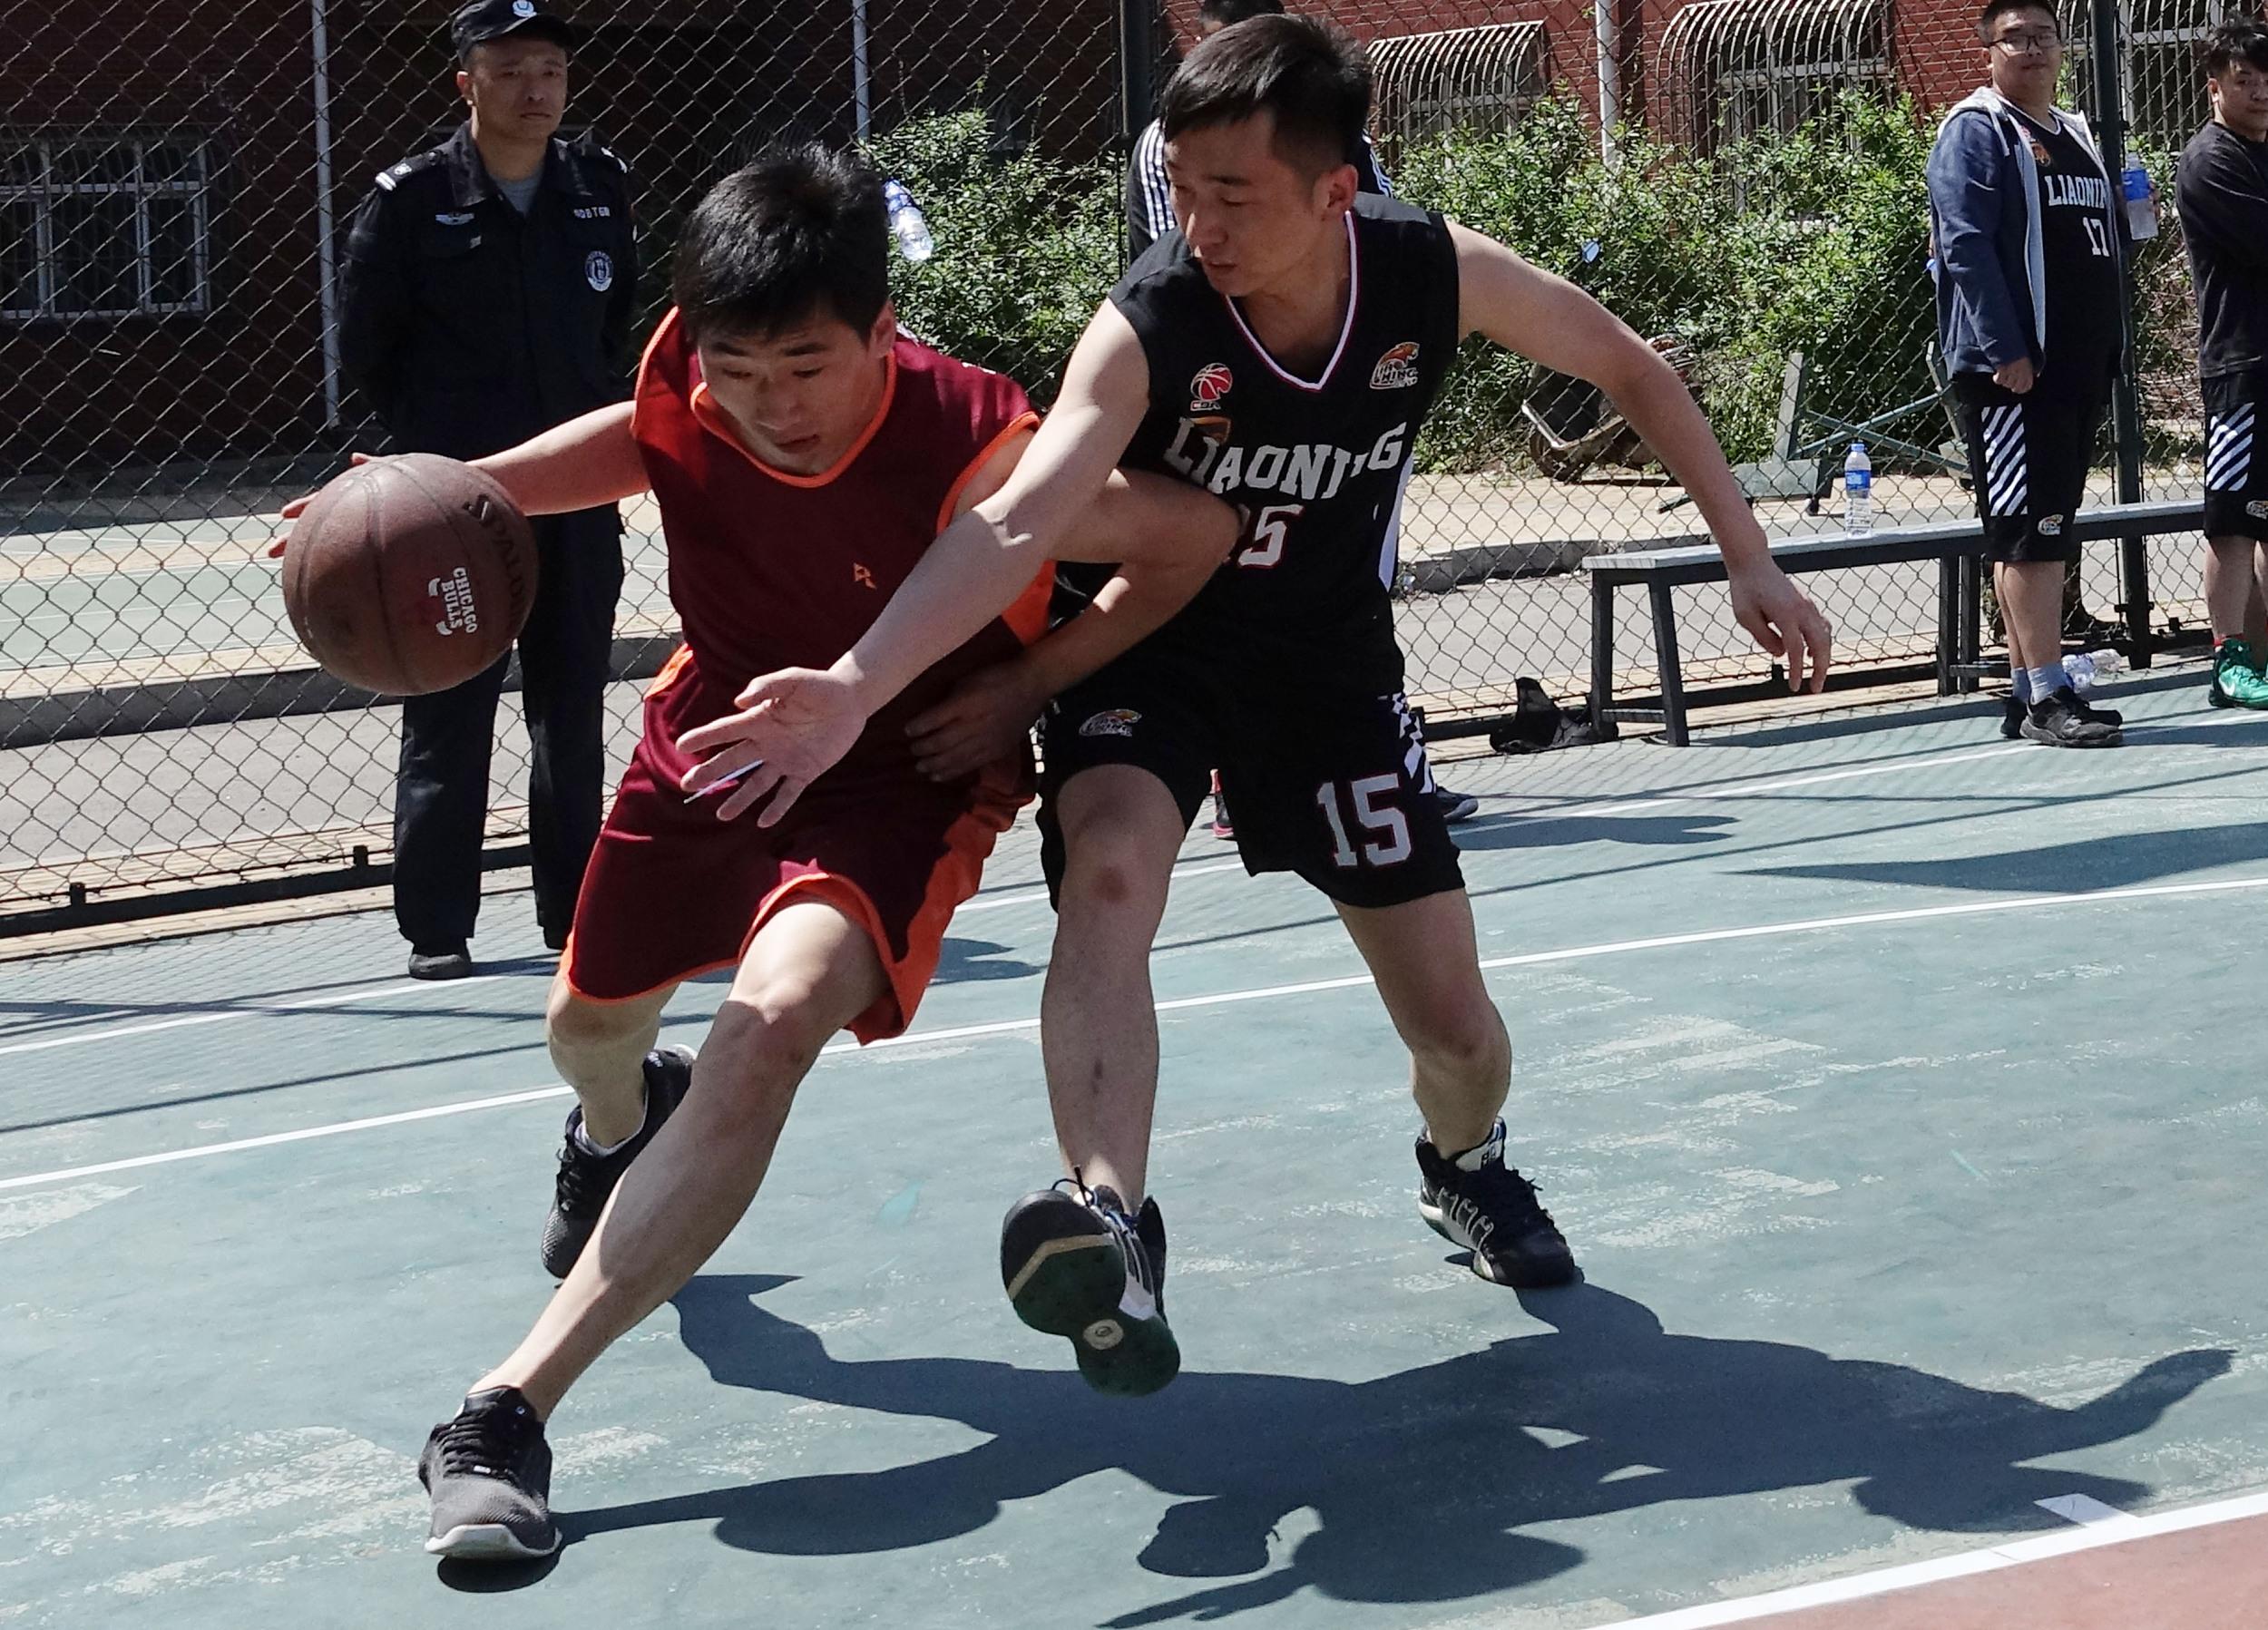 菏泽:定陶区2020年篮球联赛决赛如期上演